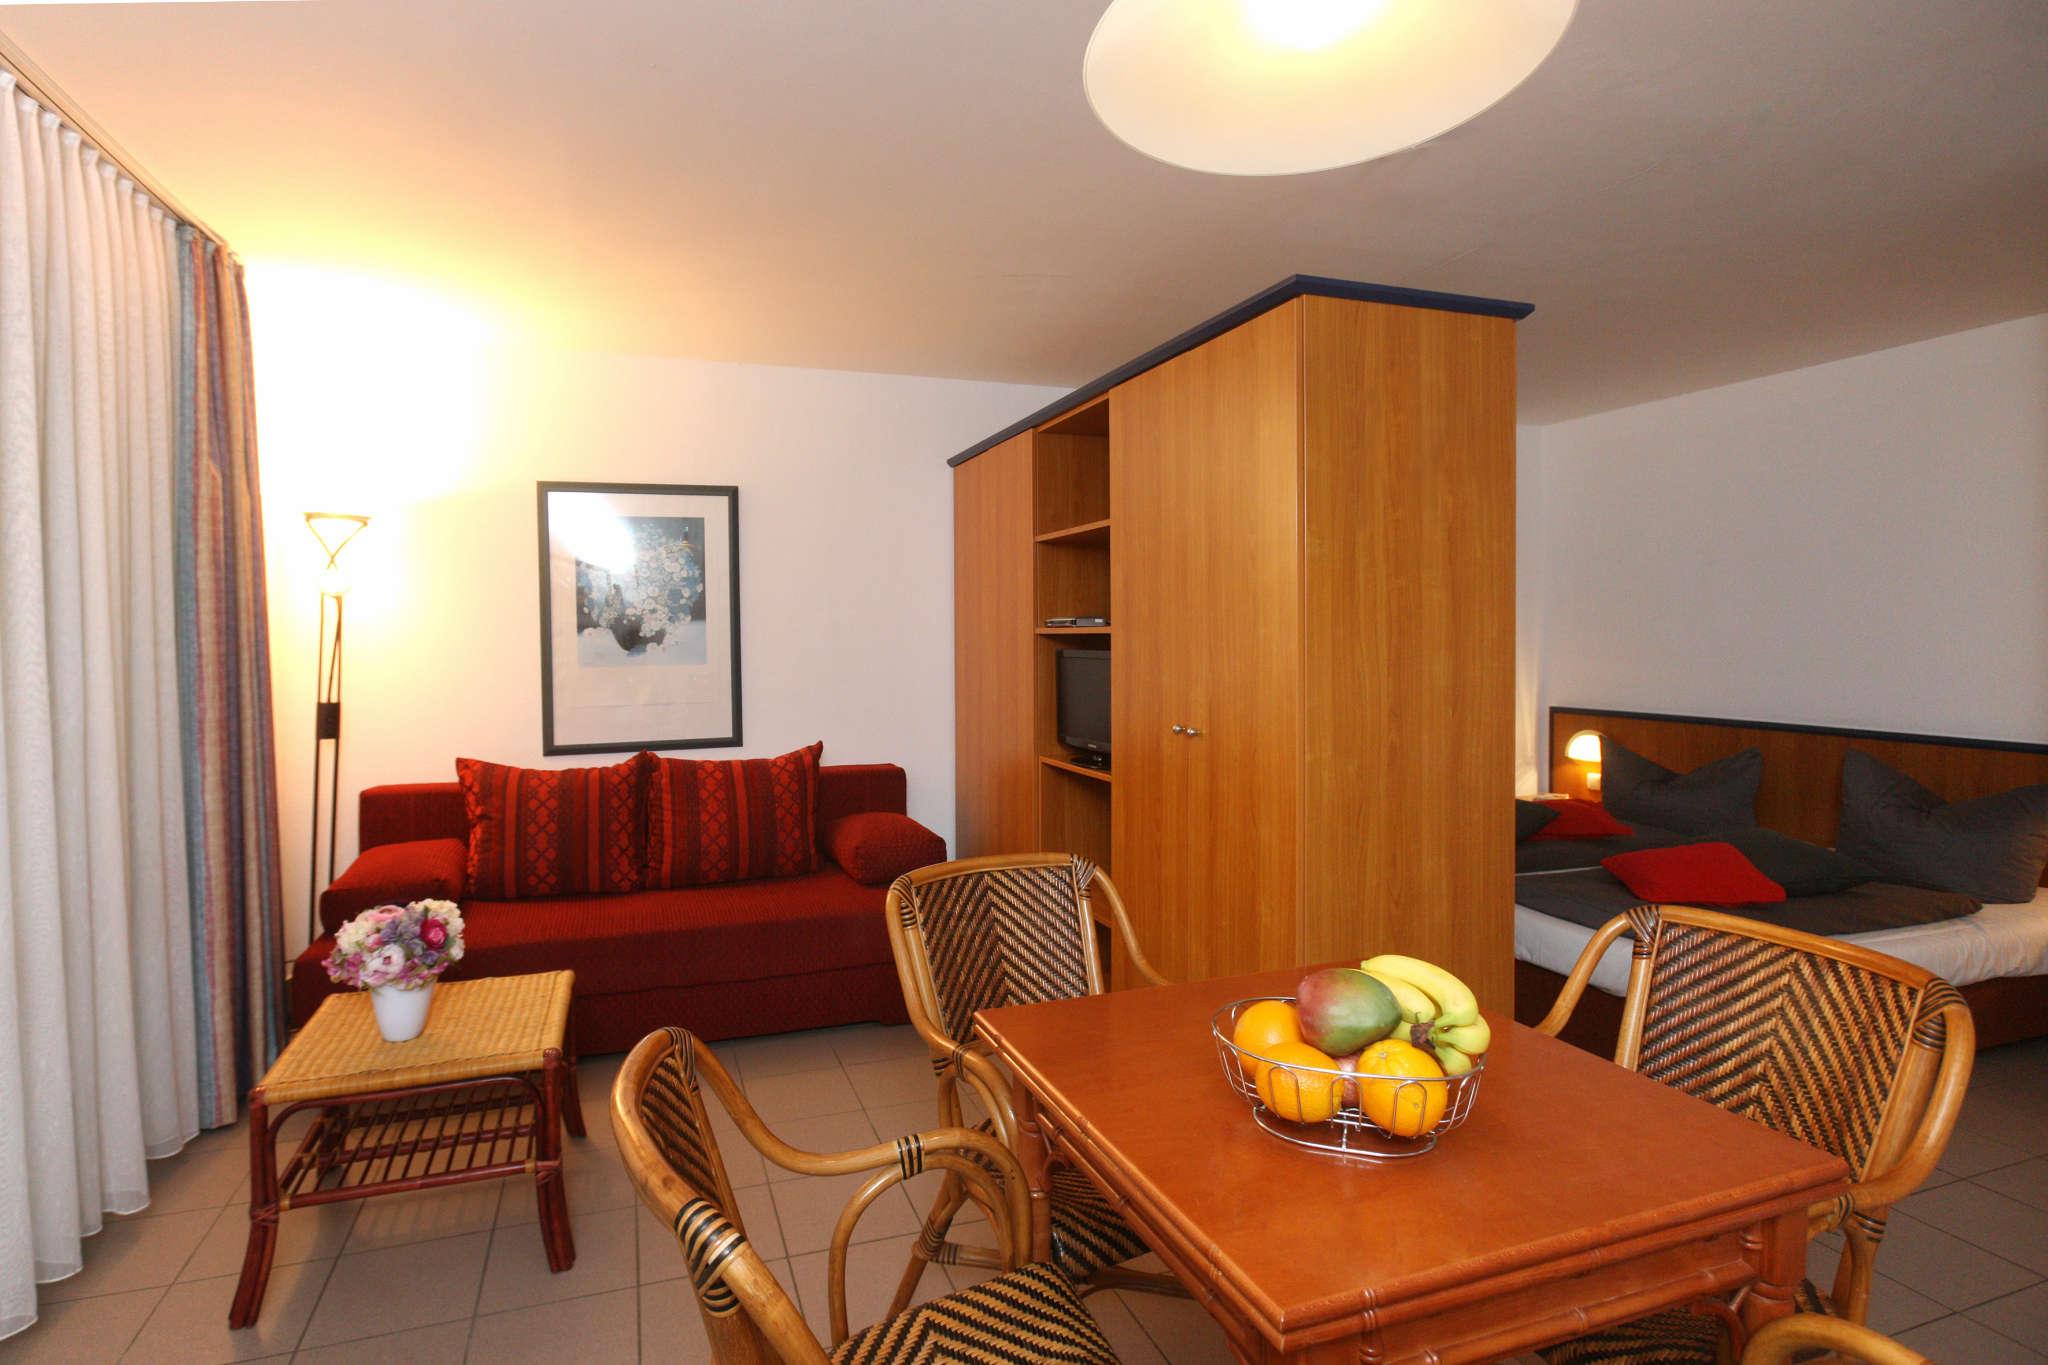 Ferienhaus mit 1-, 2- und 3-Zimmer FeWos